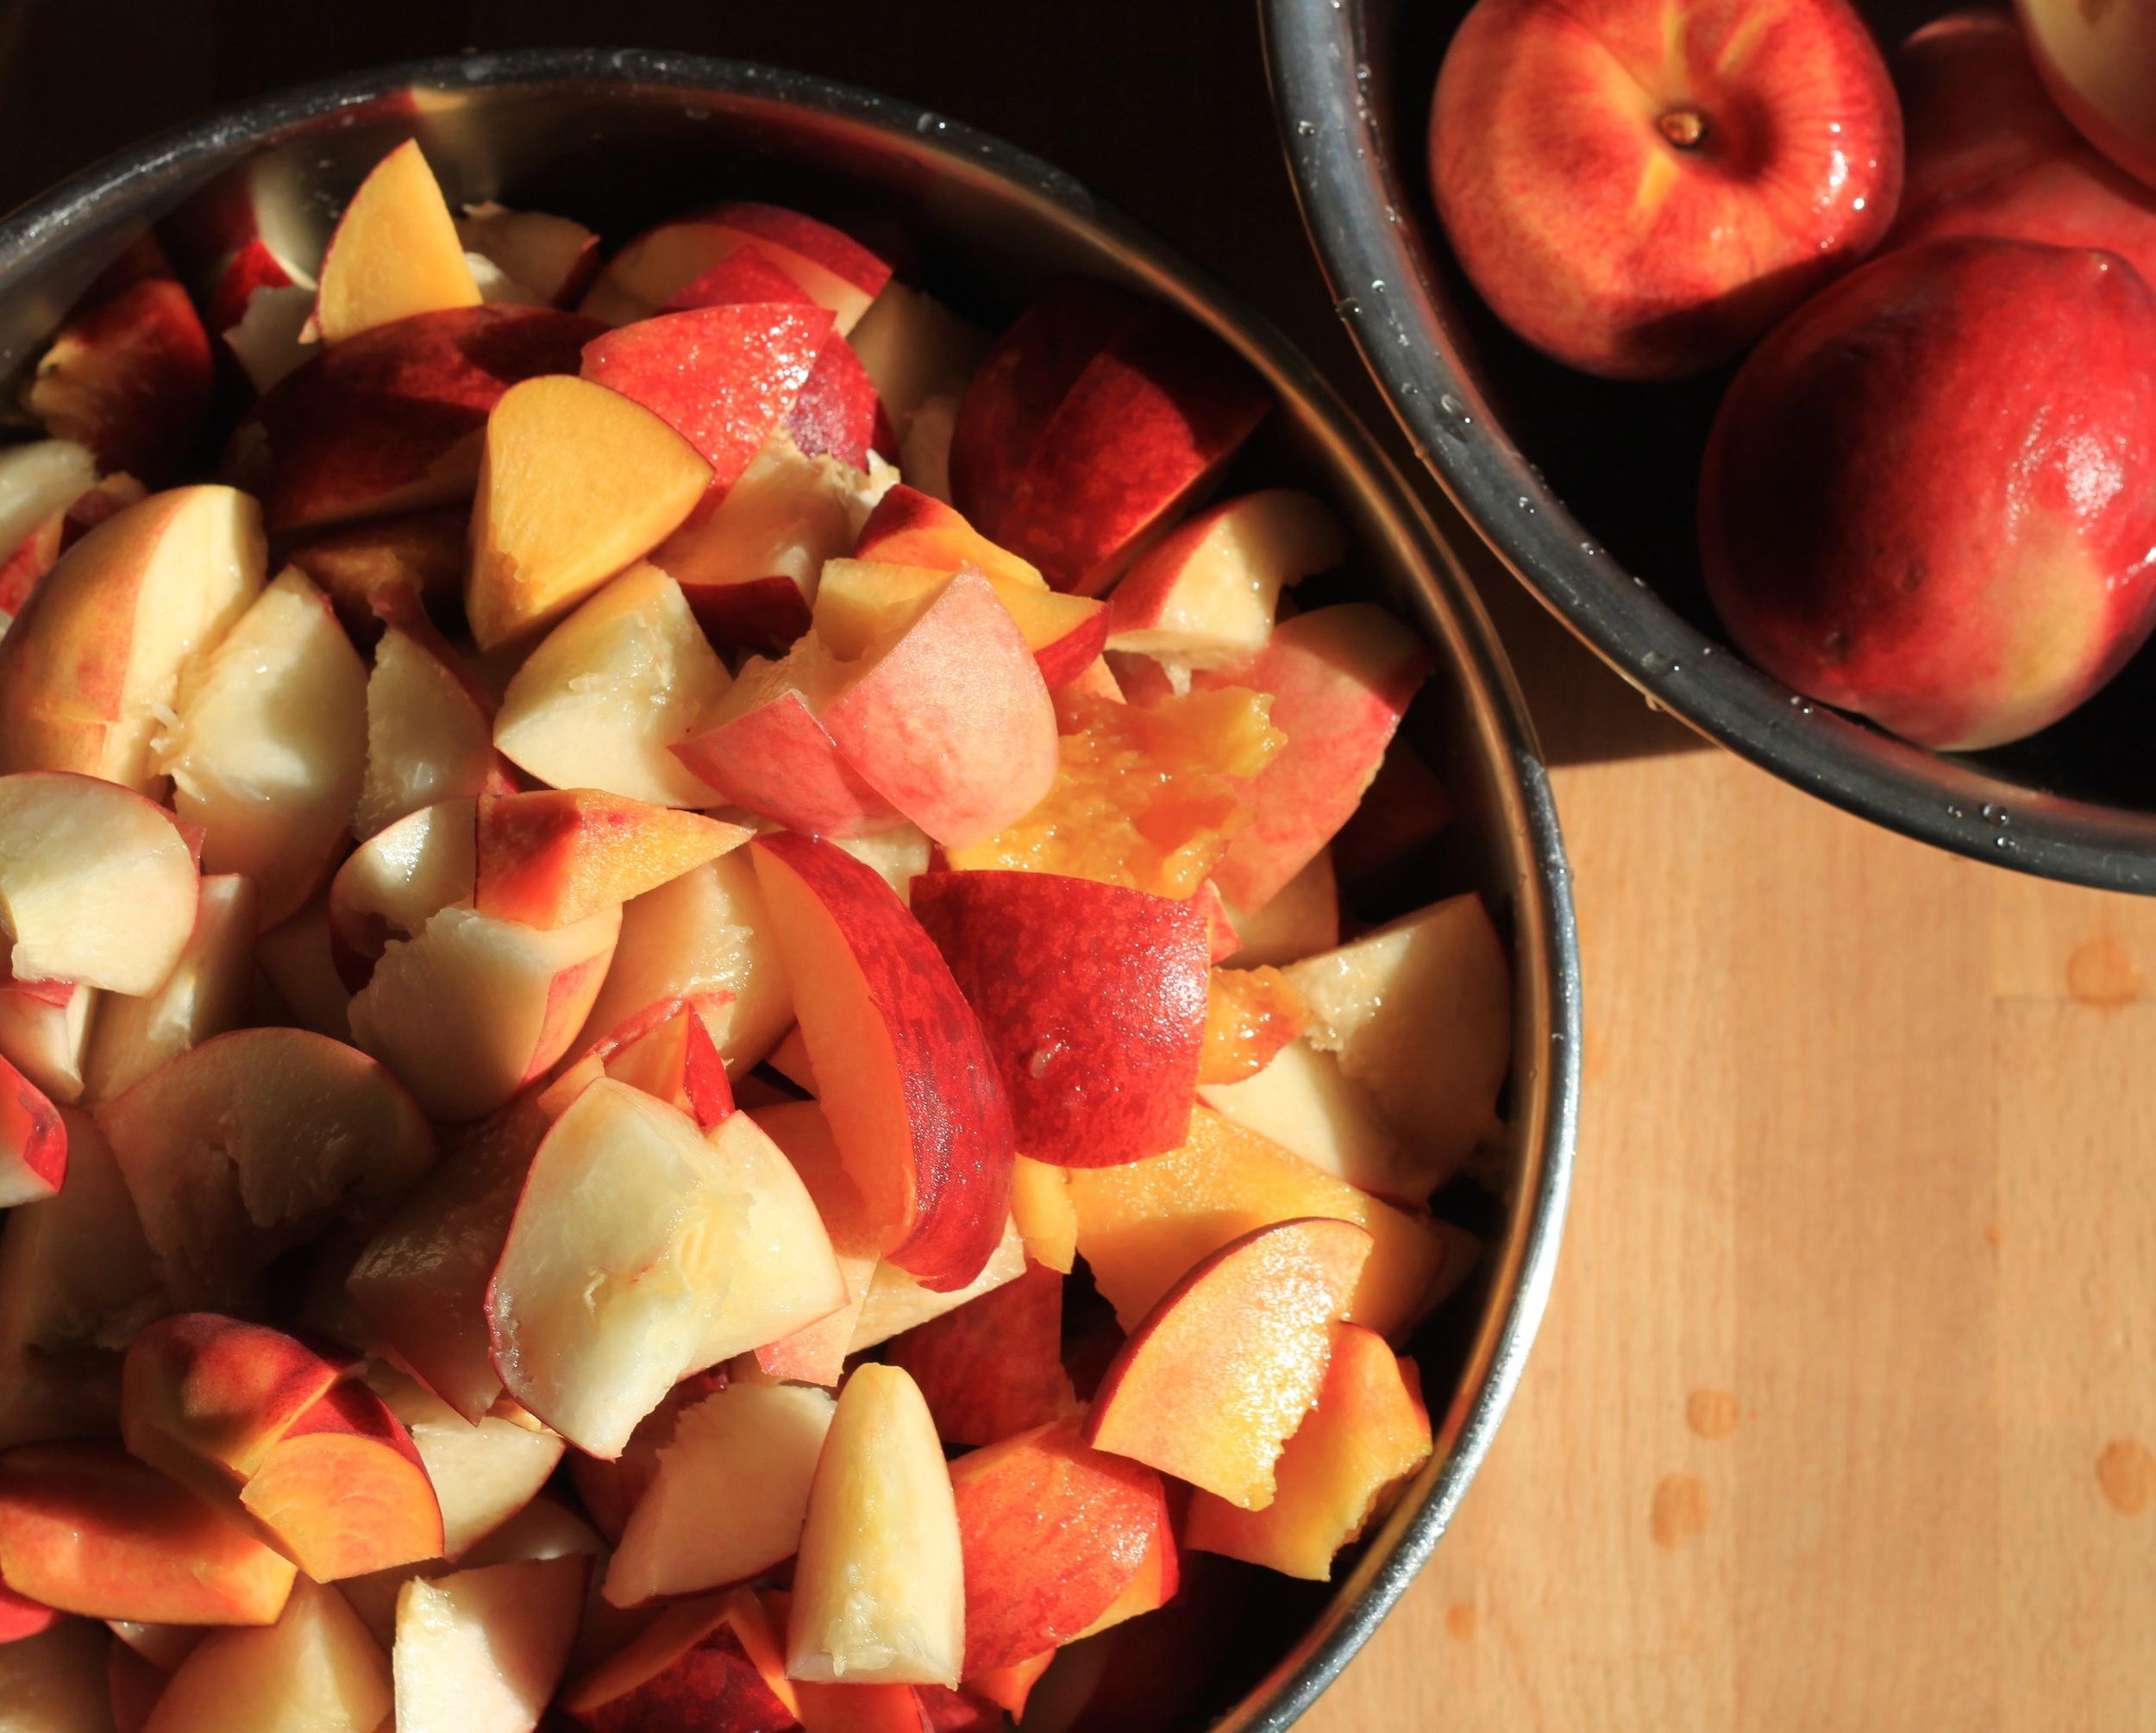 cutting up peaches for a summer peach shrub